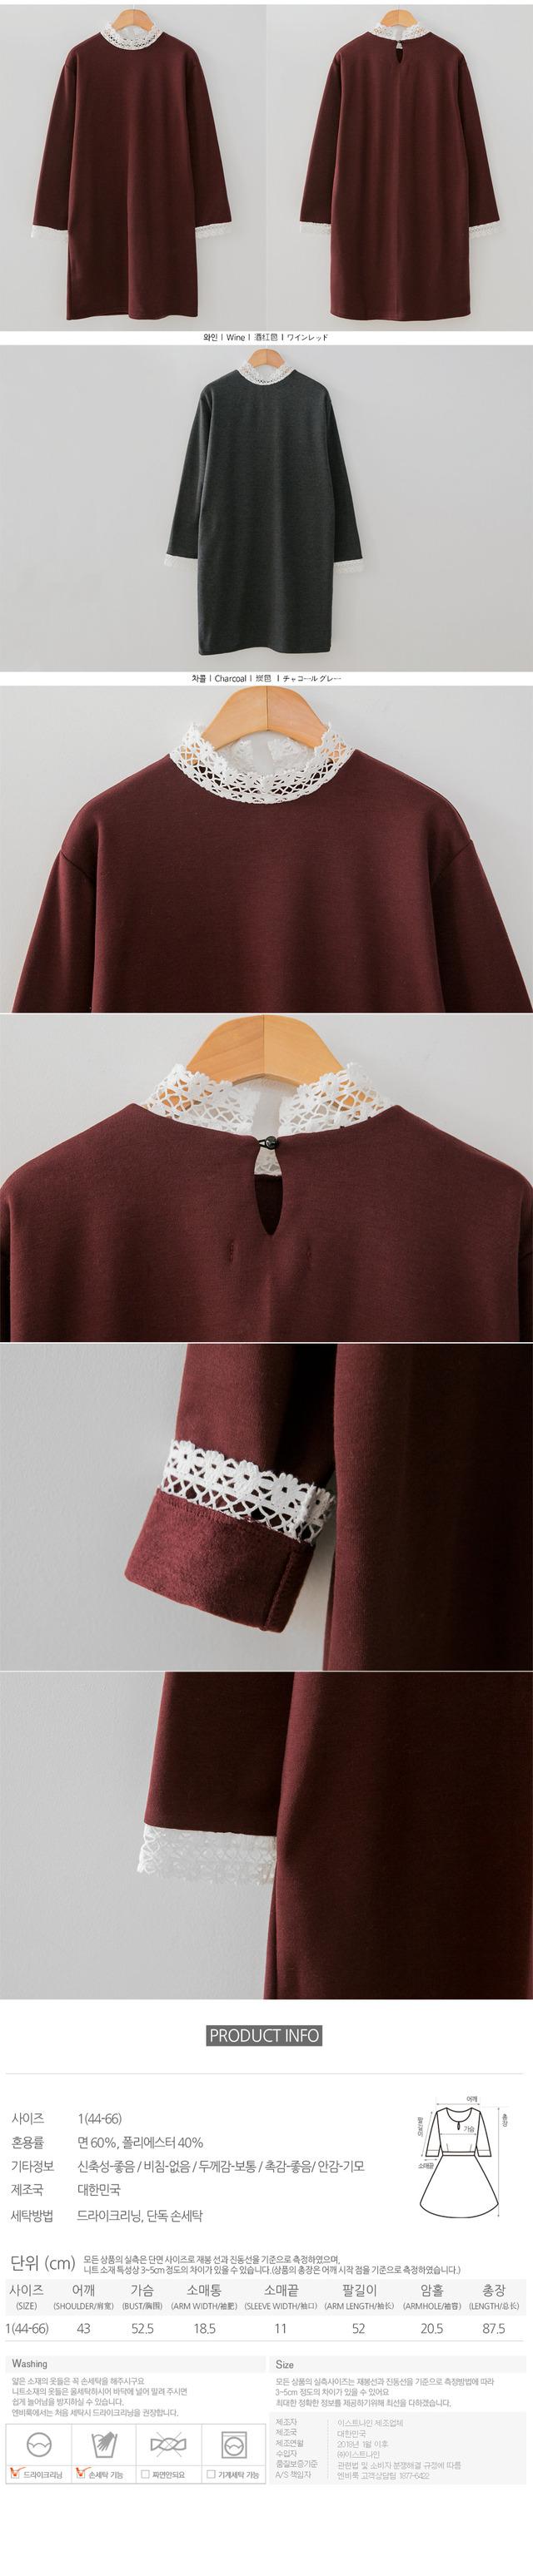 Mate lace dress